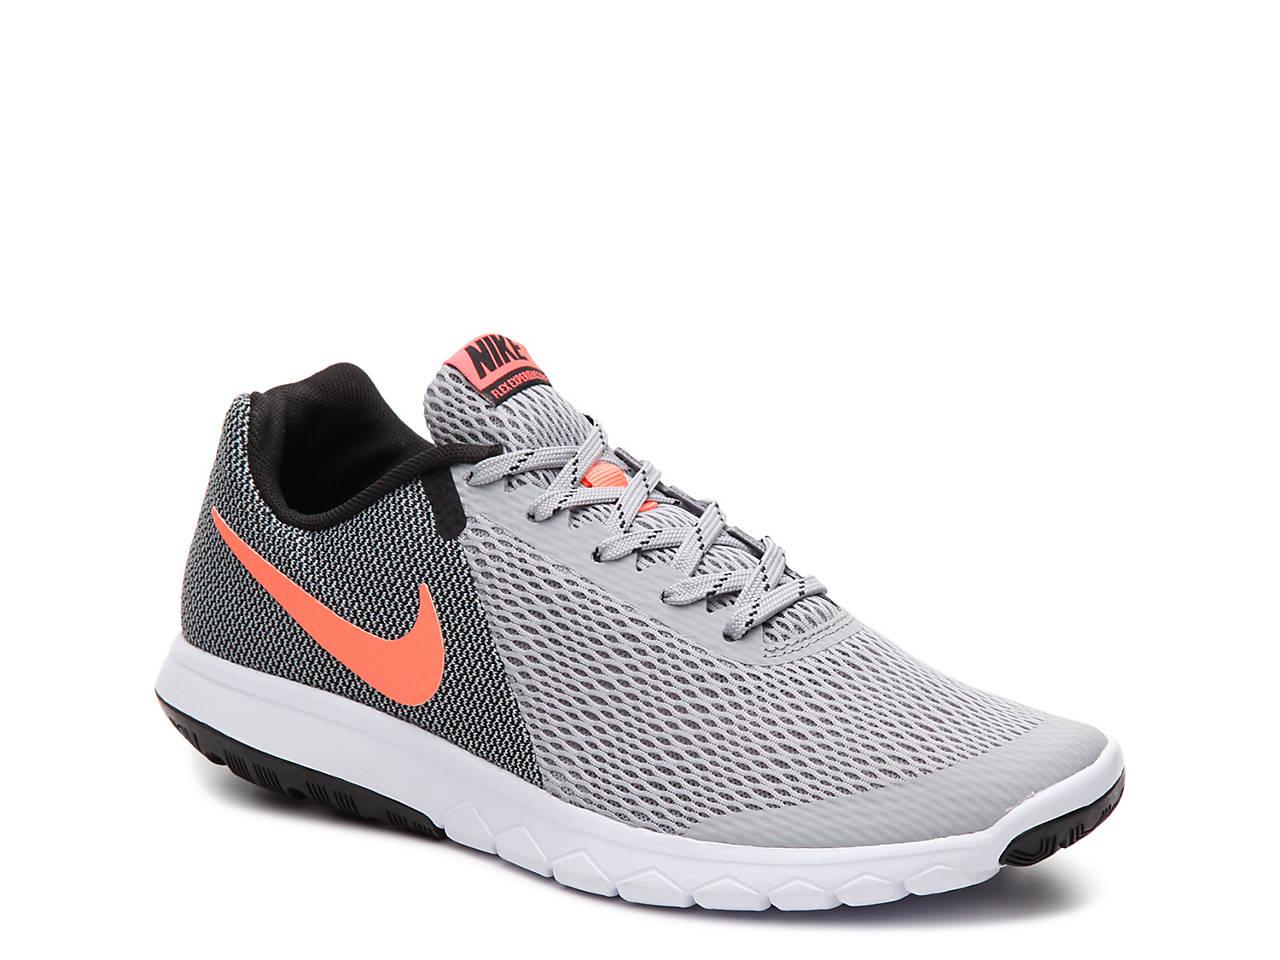 nike nike flex 2016 rn lightweight running shoe dsw dsw12prod8410329